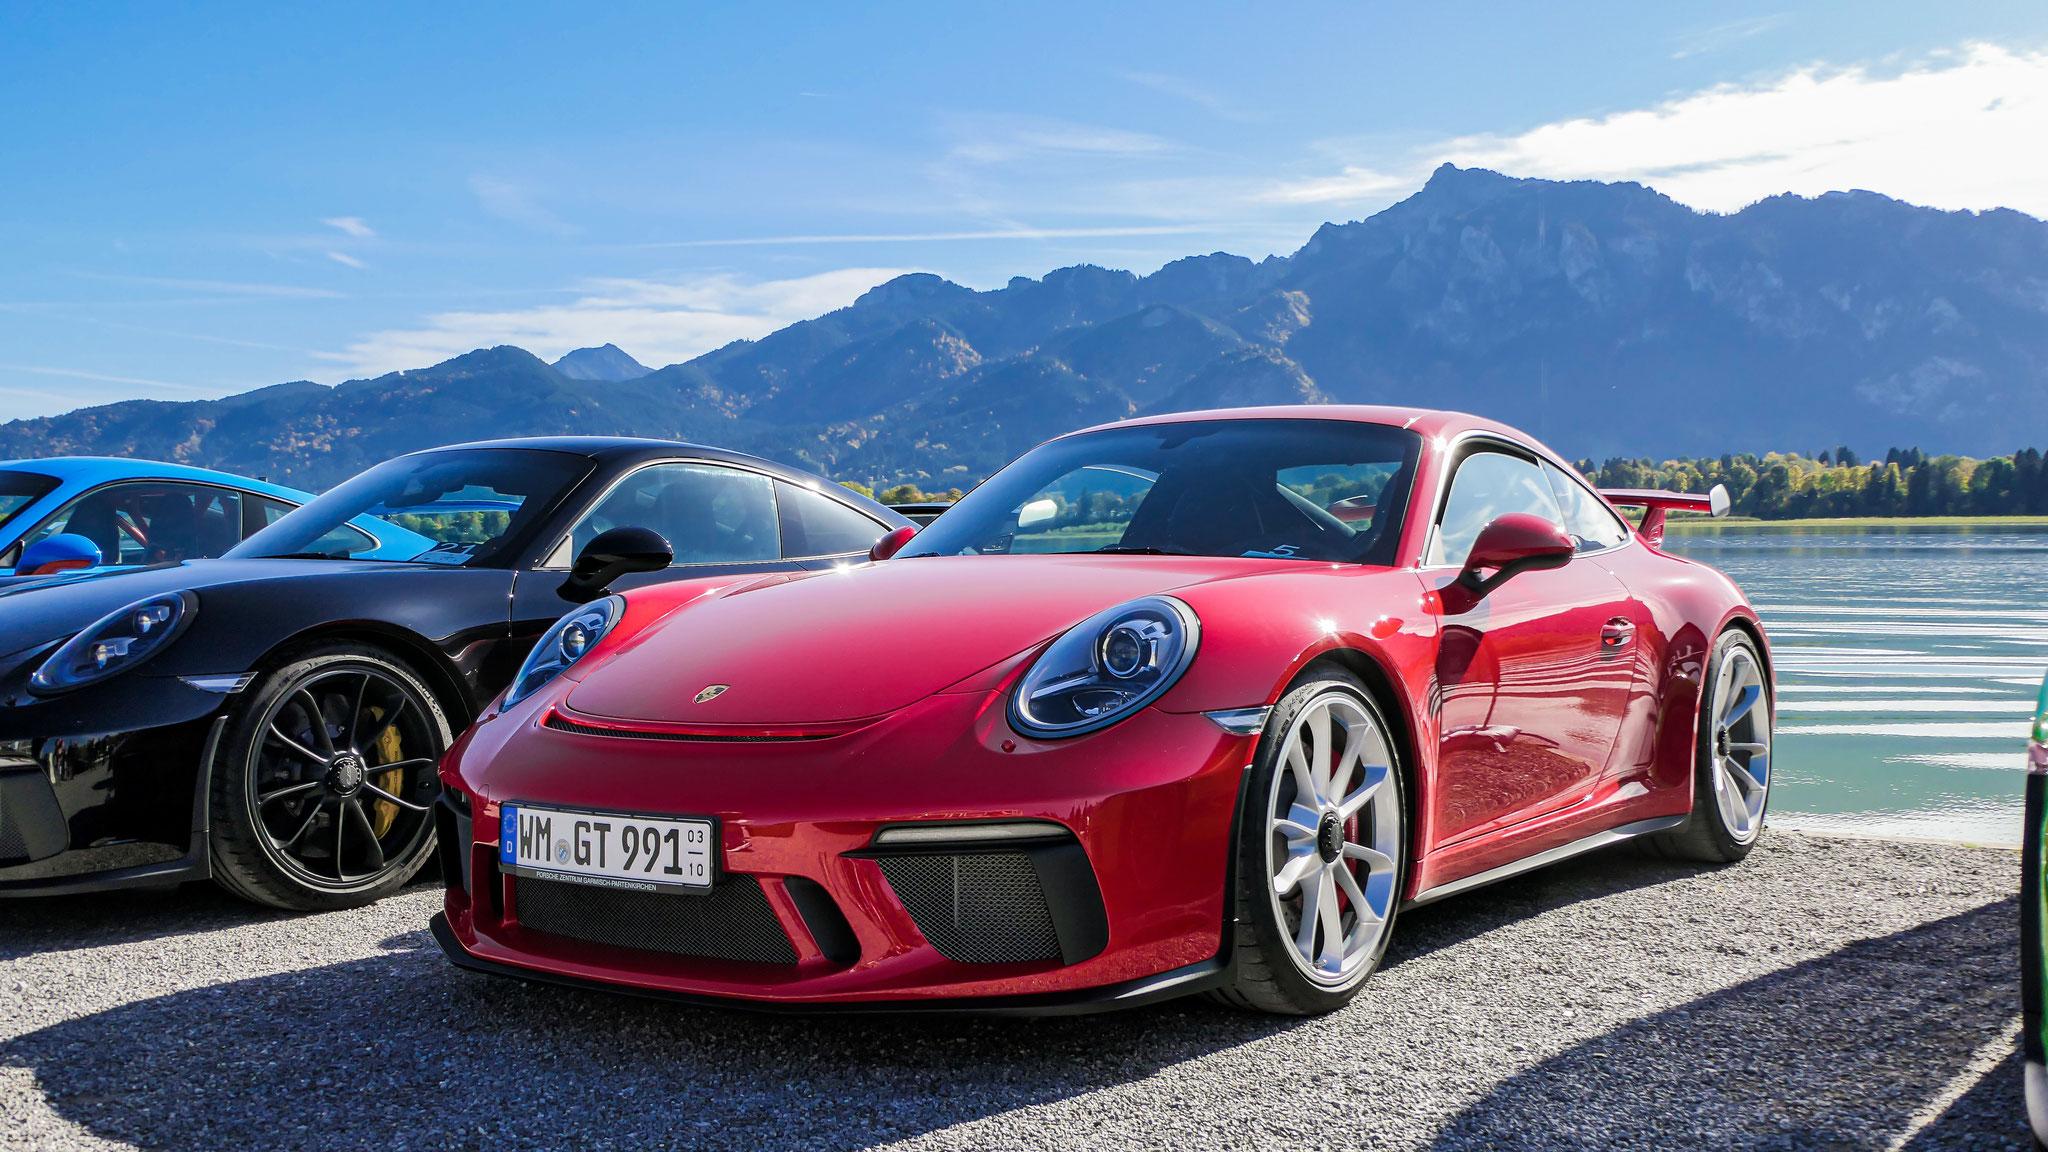 Porsche 991 GT3 - WM-GT-991